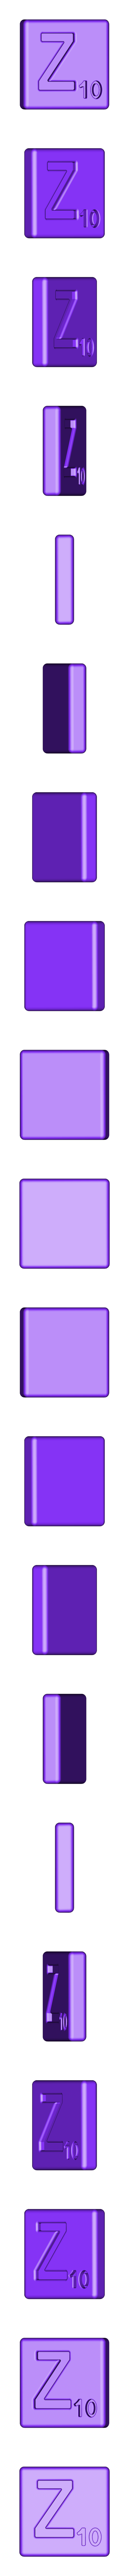 Single_Cut_Z.STL Télécharger fichier STL gratuit Pièces et support SCRABBBLE • Design pour imprimante 3D, Balkhagal4D